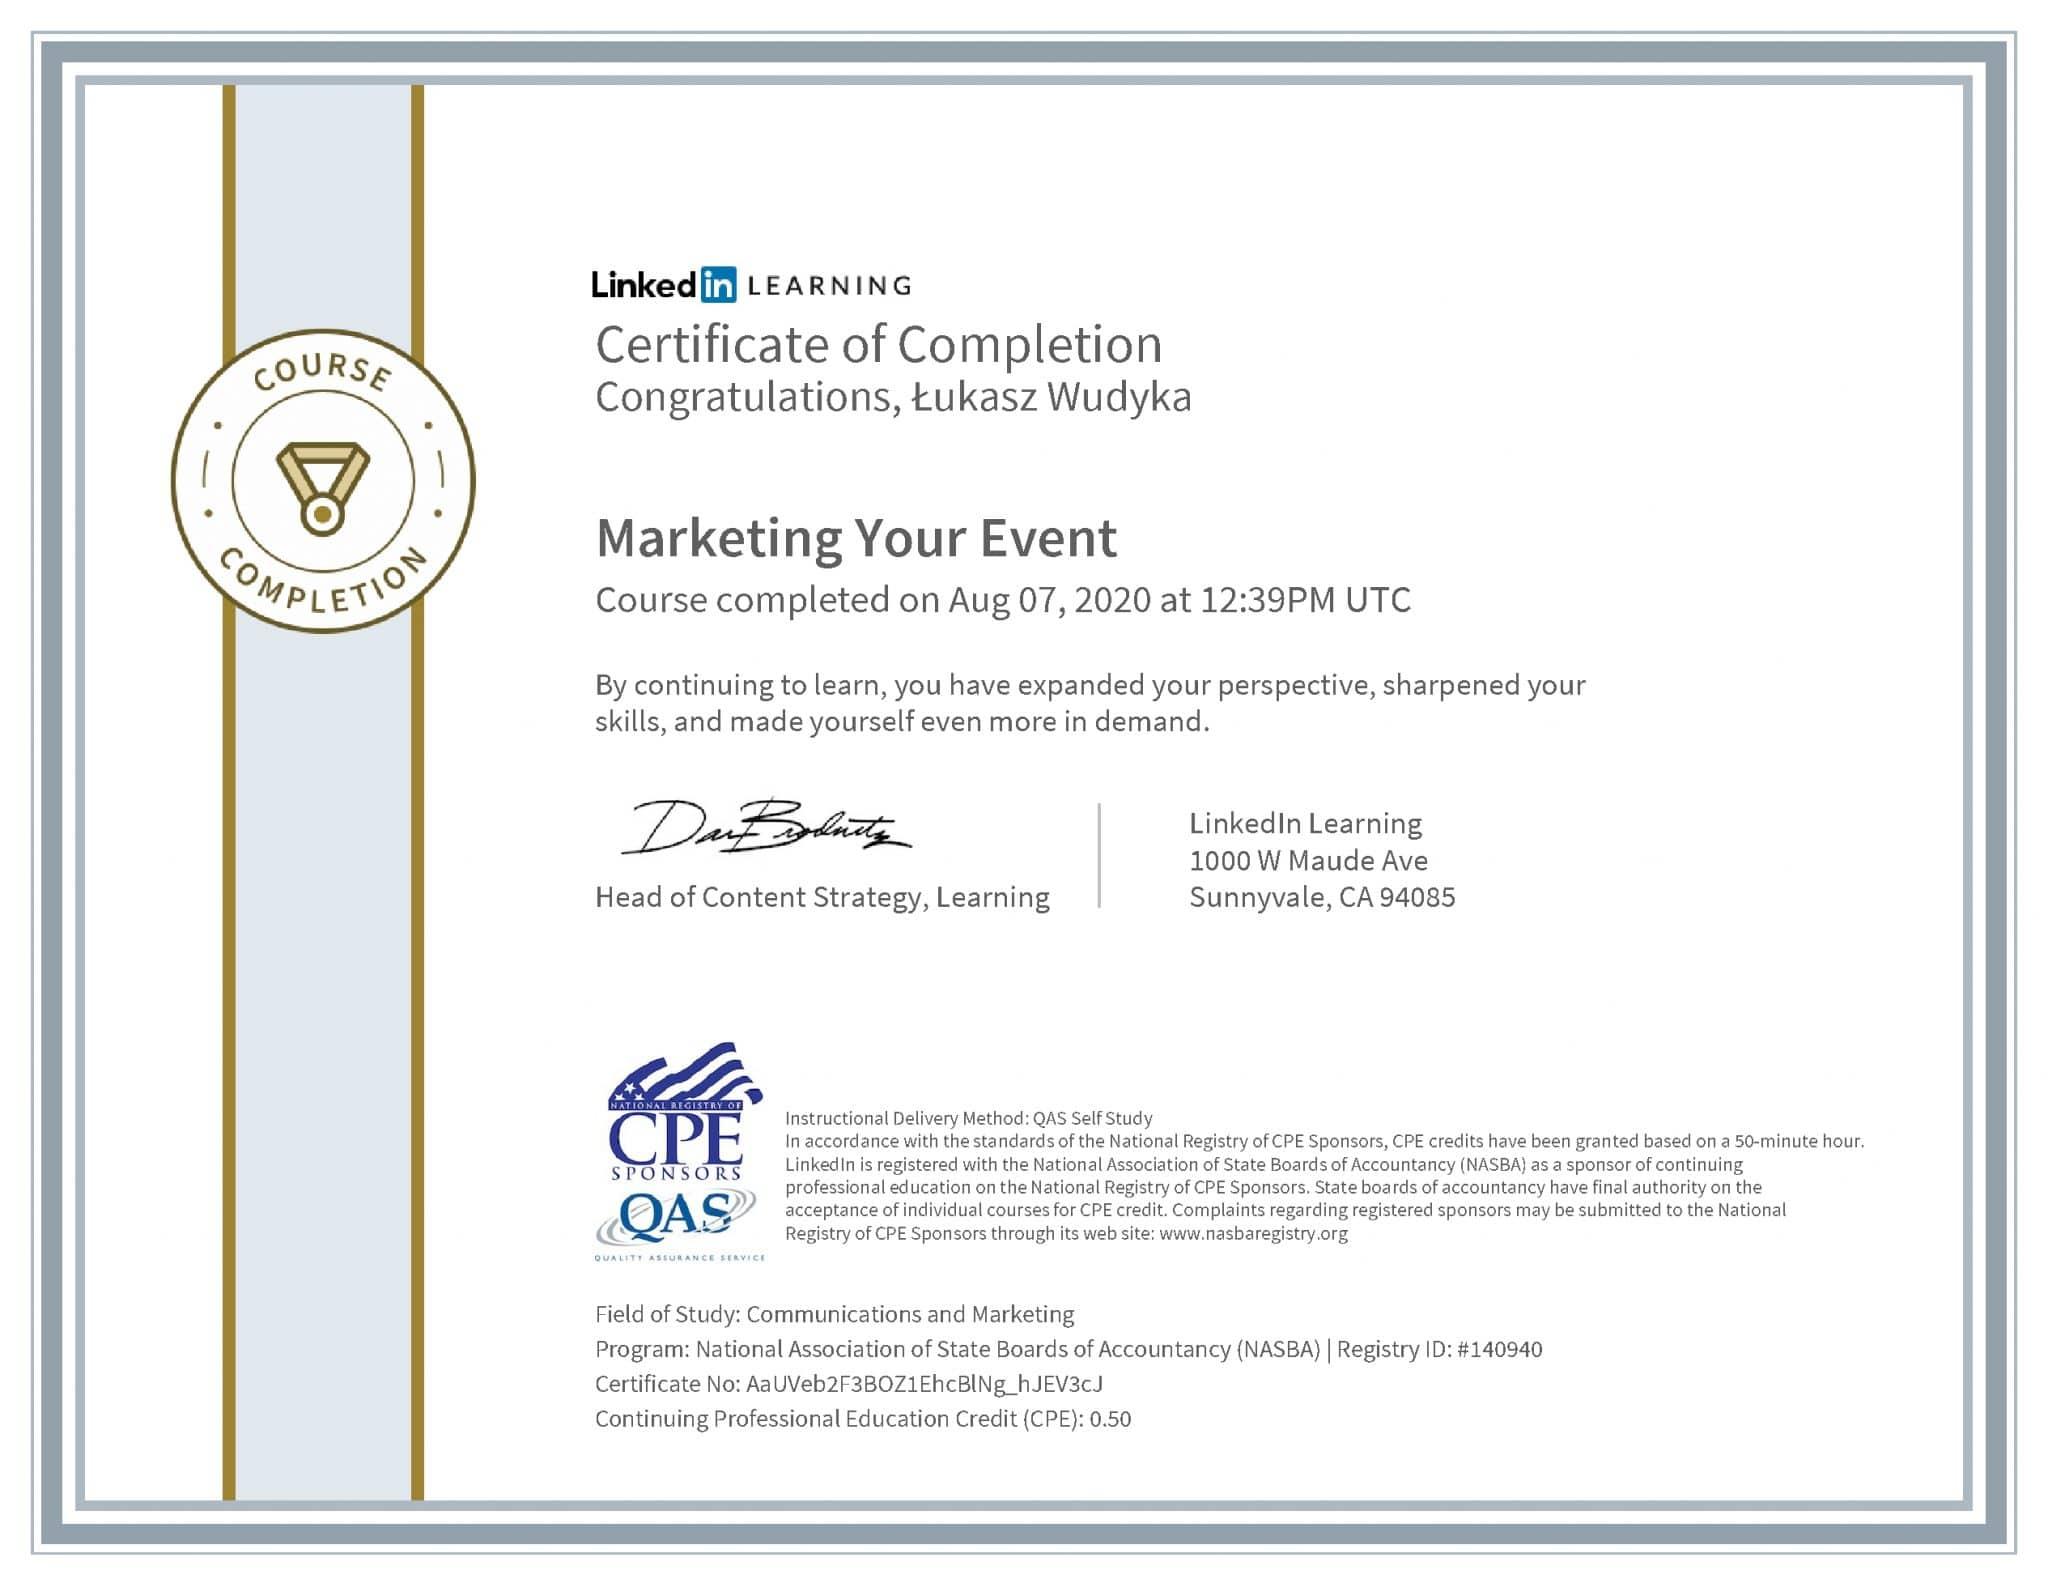 Łukasz Wudyka certyfikat LinkedIn Marketing Your Event NASBA